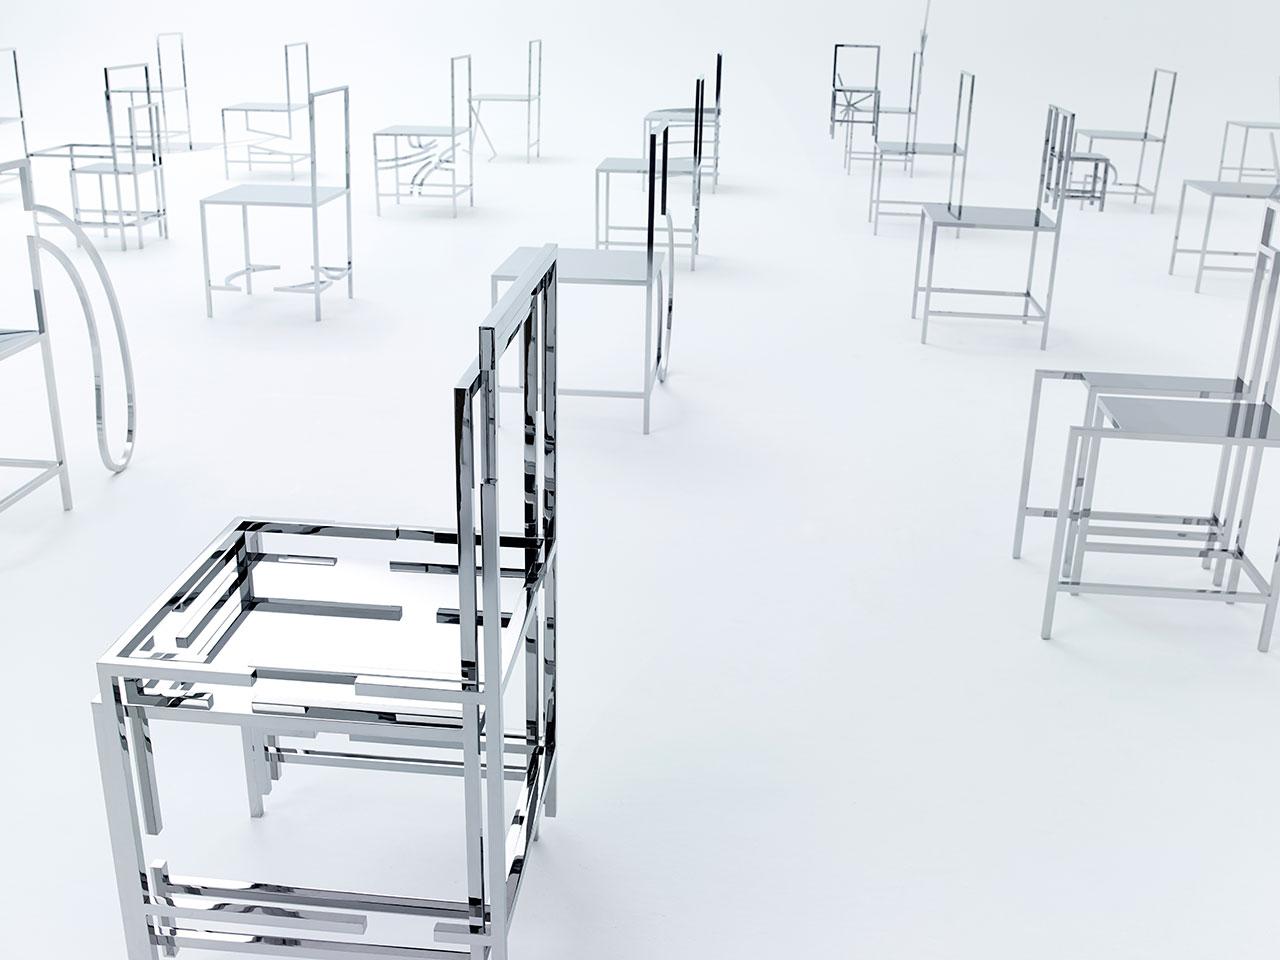 f6_50_manga_chairs_nendo_for_friedman_benda_photo_kenichi_sonehara_yatzer